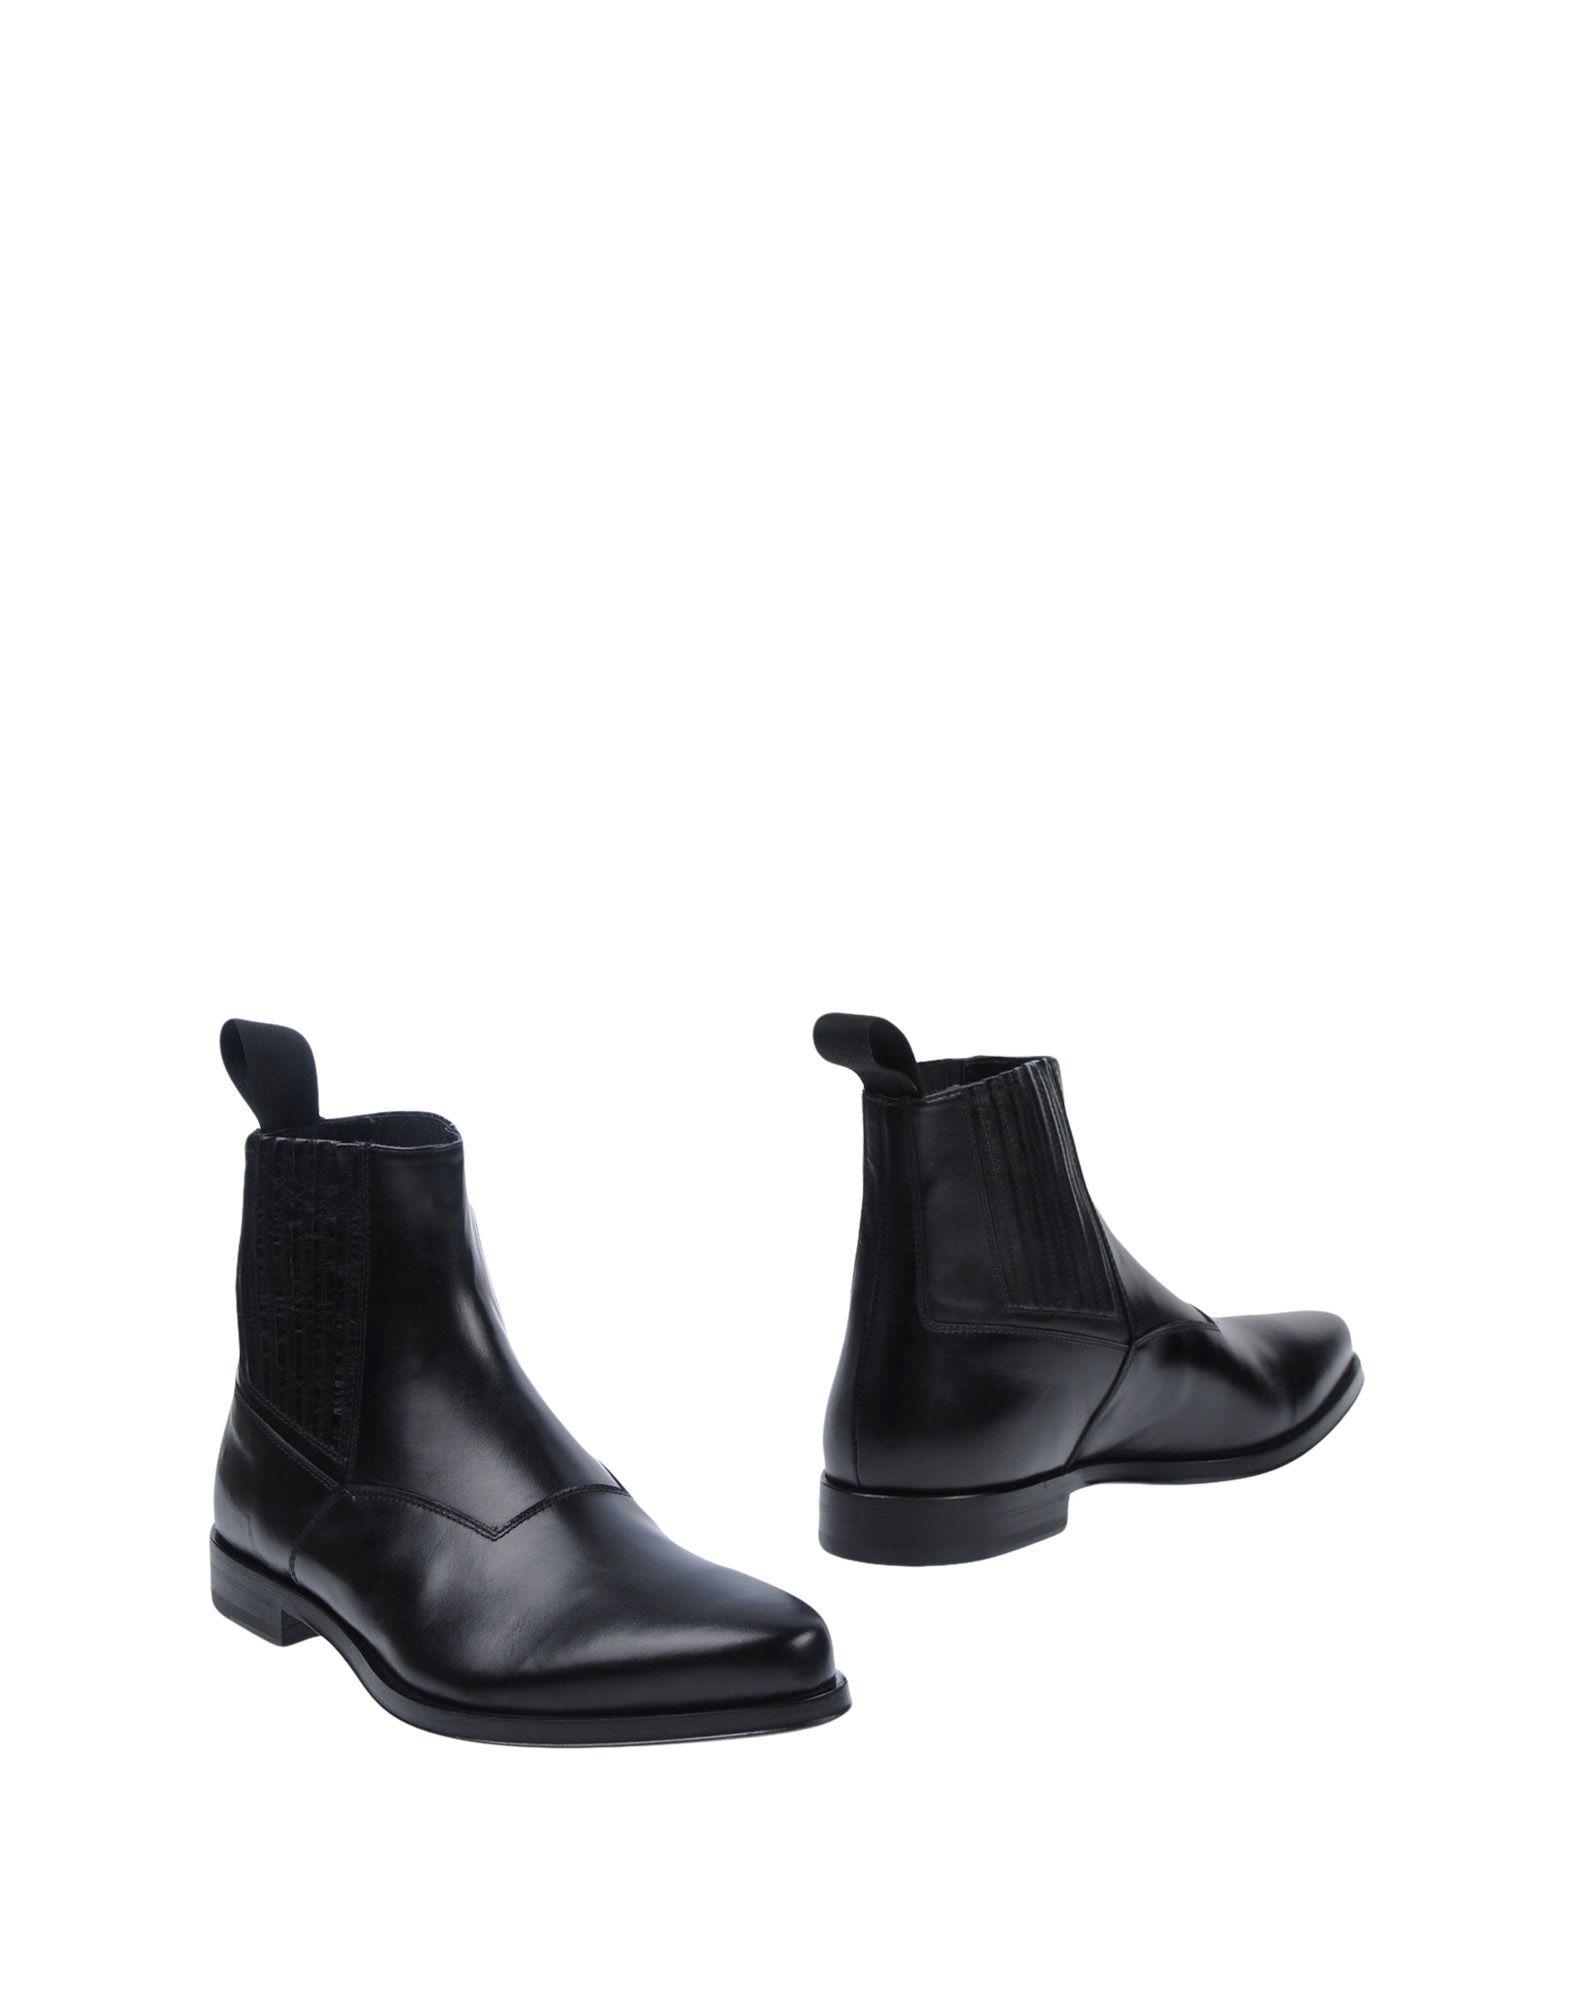 Cesare Paciotti Stiefelette Herren  11509081GH Gute Qualität beliebte Schuhe